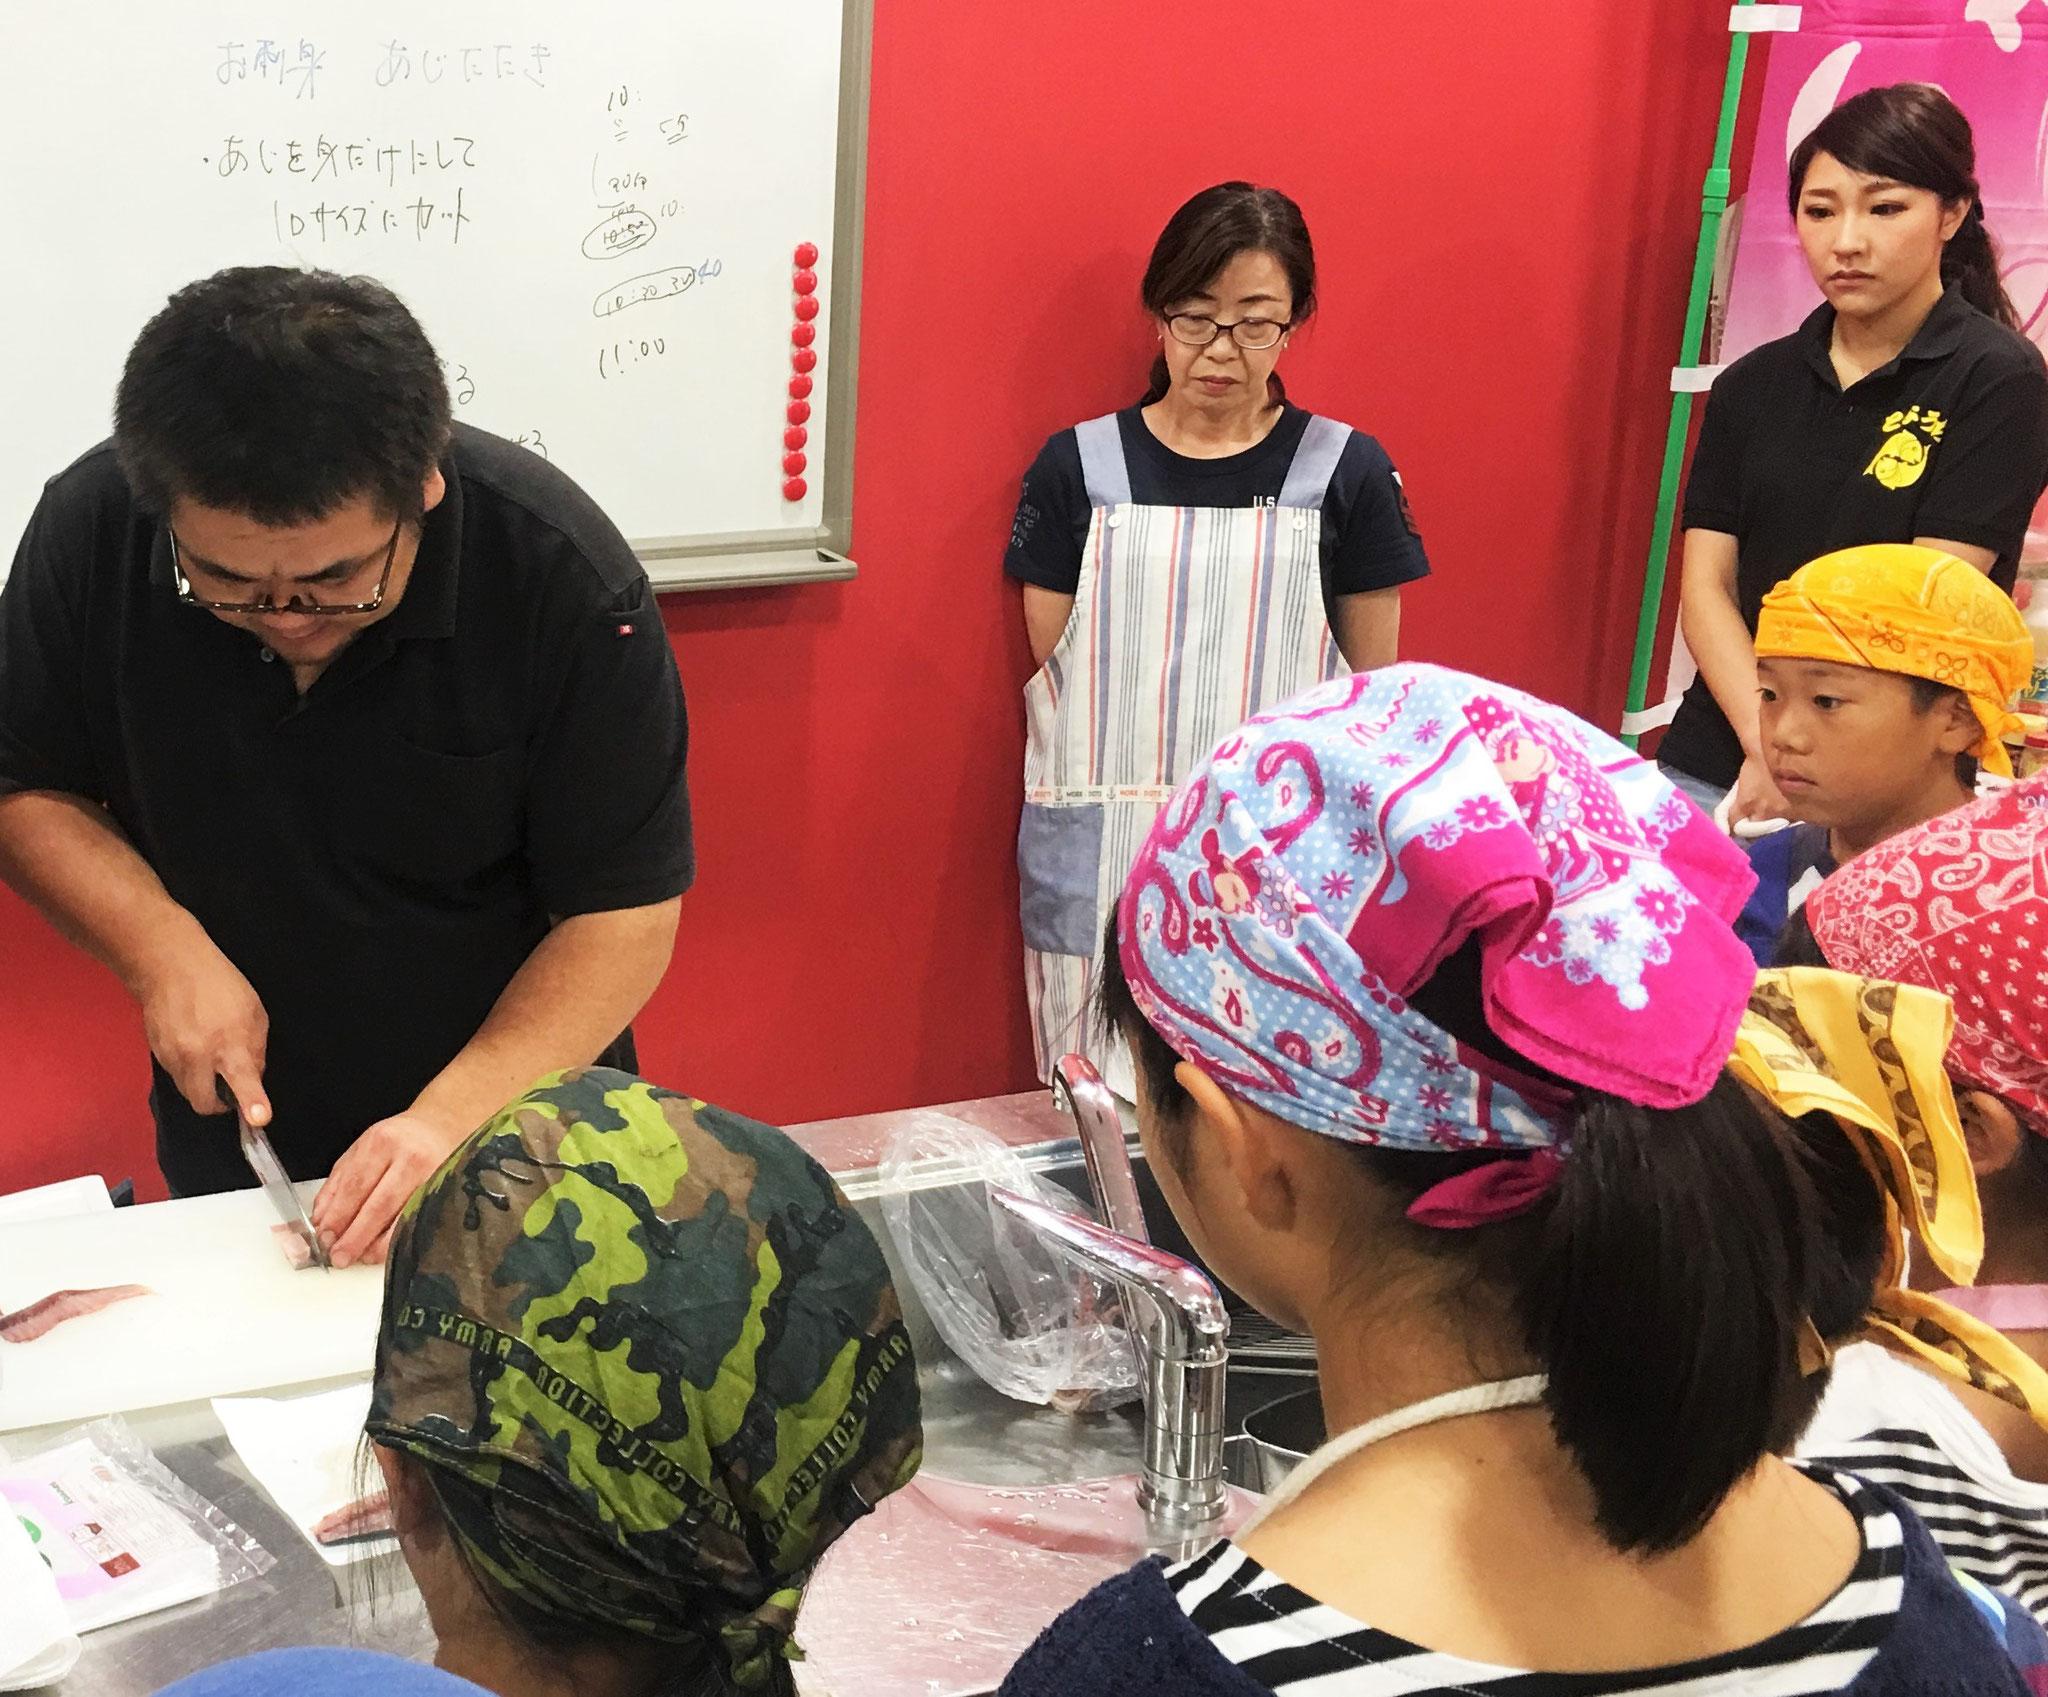 そして魚料理の伝道師!中村さんの奥様、さちこさん!(中央女性)